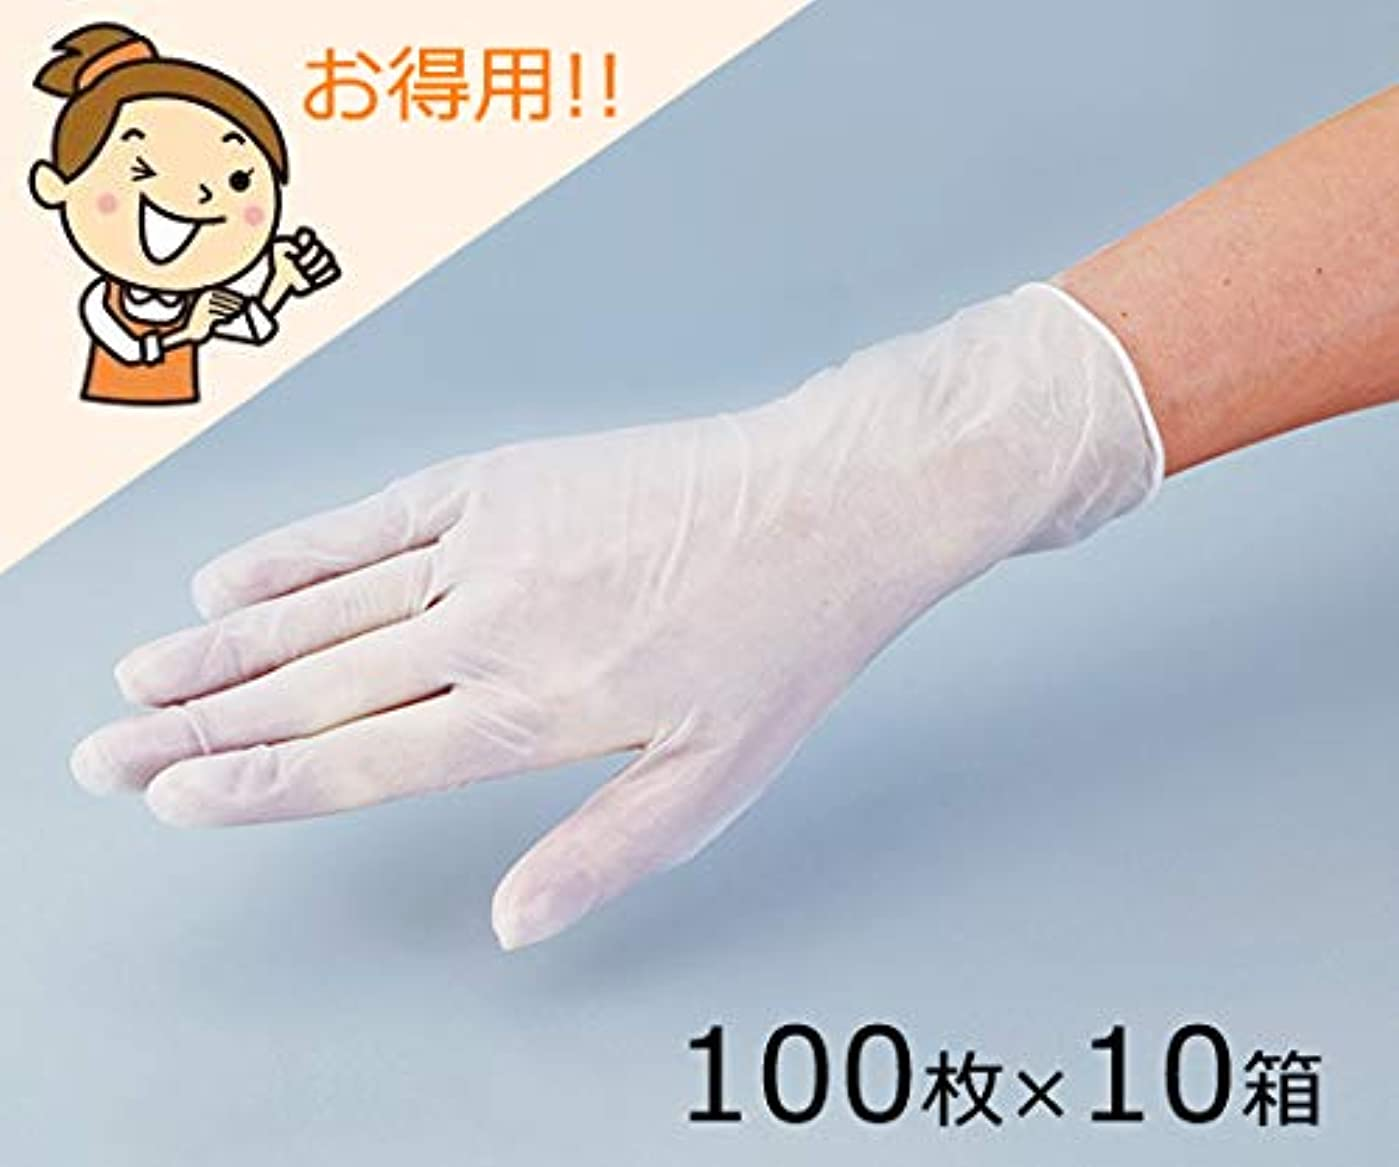 皮肉な風が強い八百屋さんアズワン7-2396-11ケアプラスチック手袋(パウダーフリー)L1ケース(100枚/箱×10箱入)